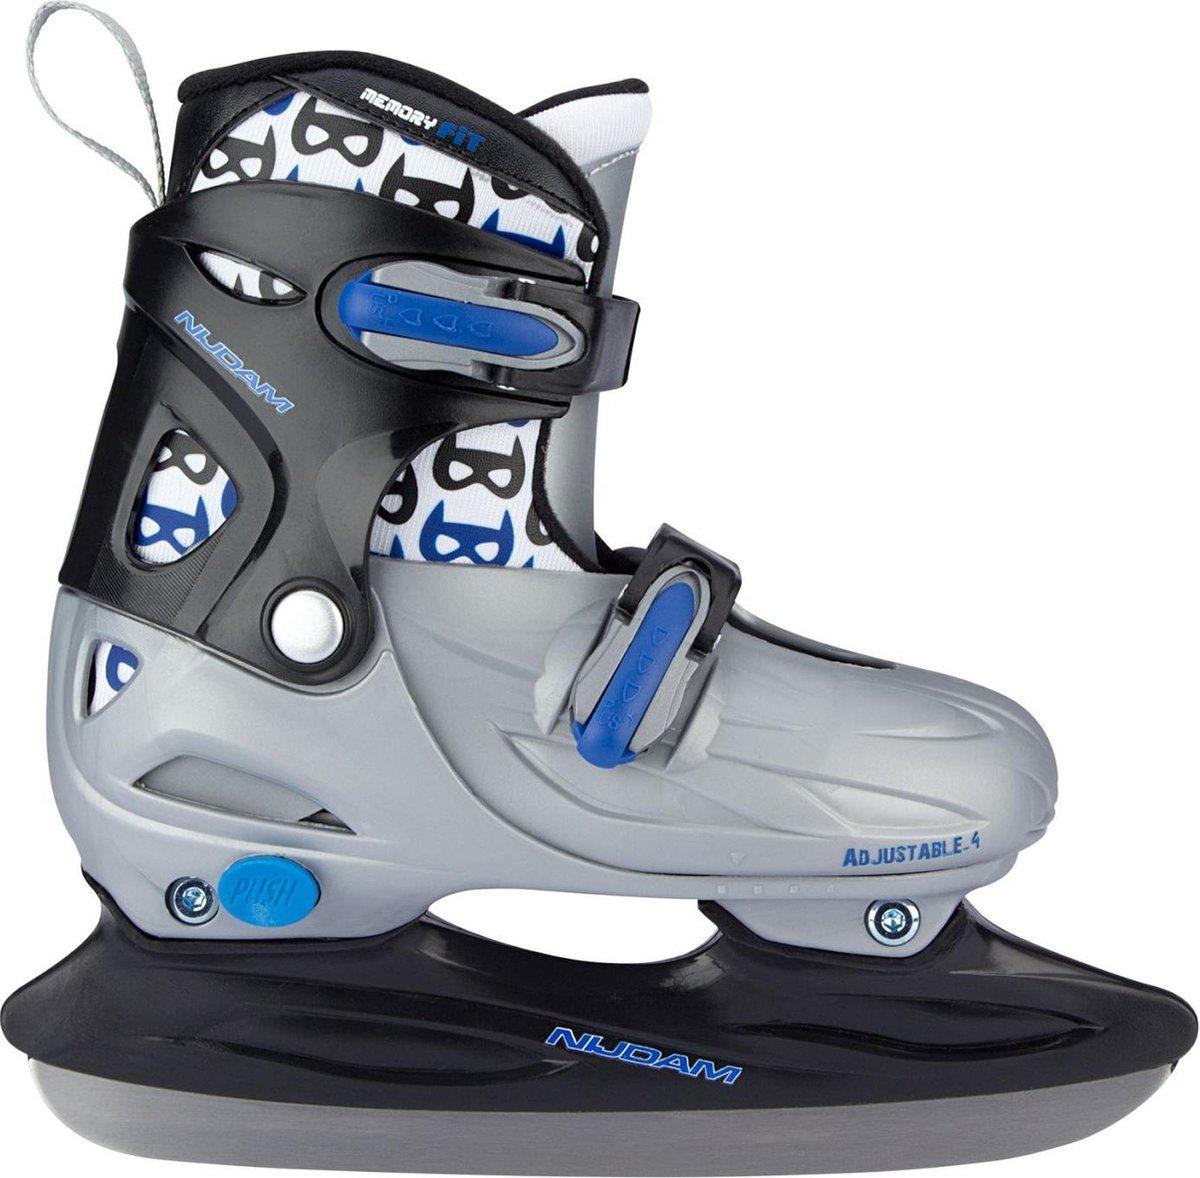 Nijdam IJshockeyschaats Junior Verstelbaar - Hardboot - Zwart/Blauw - Maat 30-33